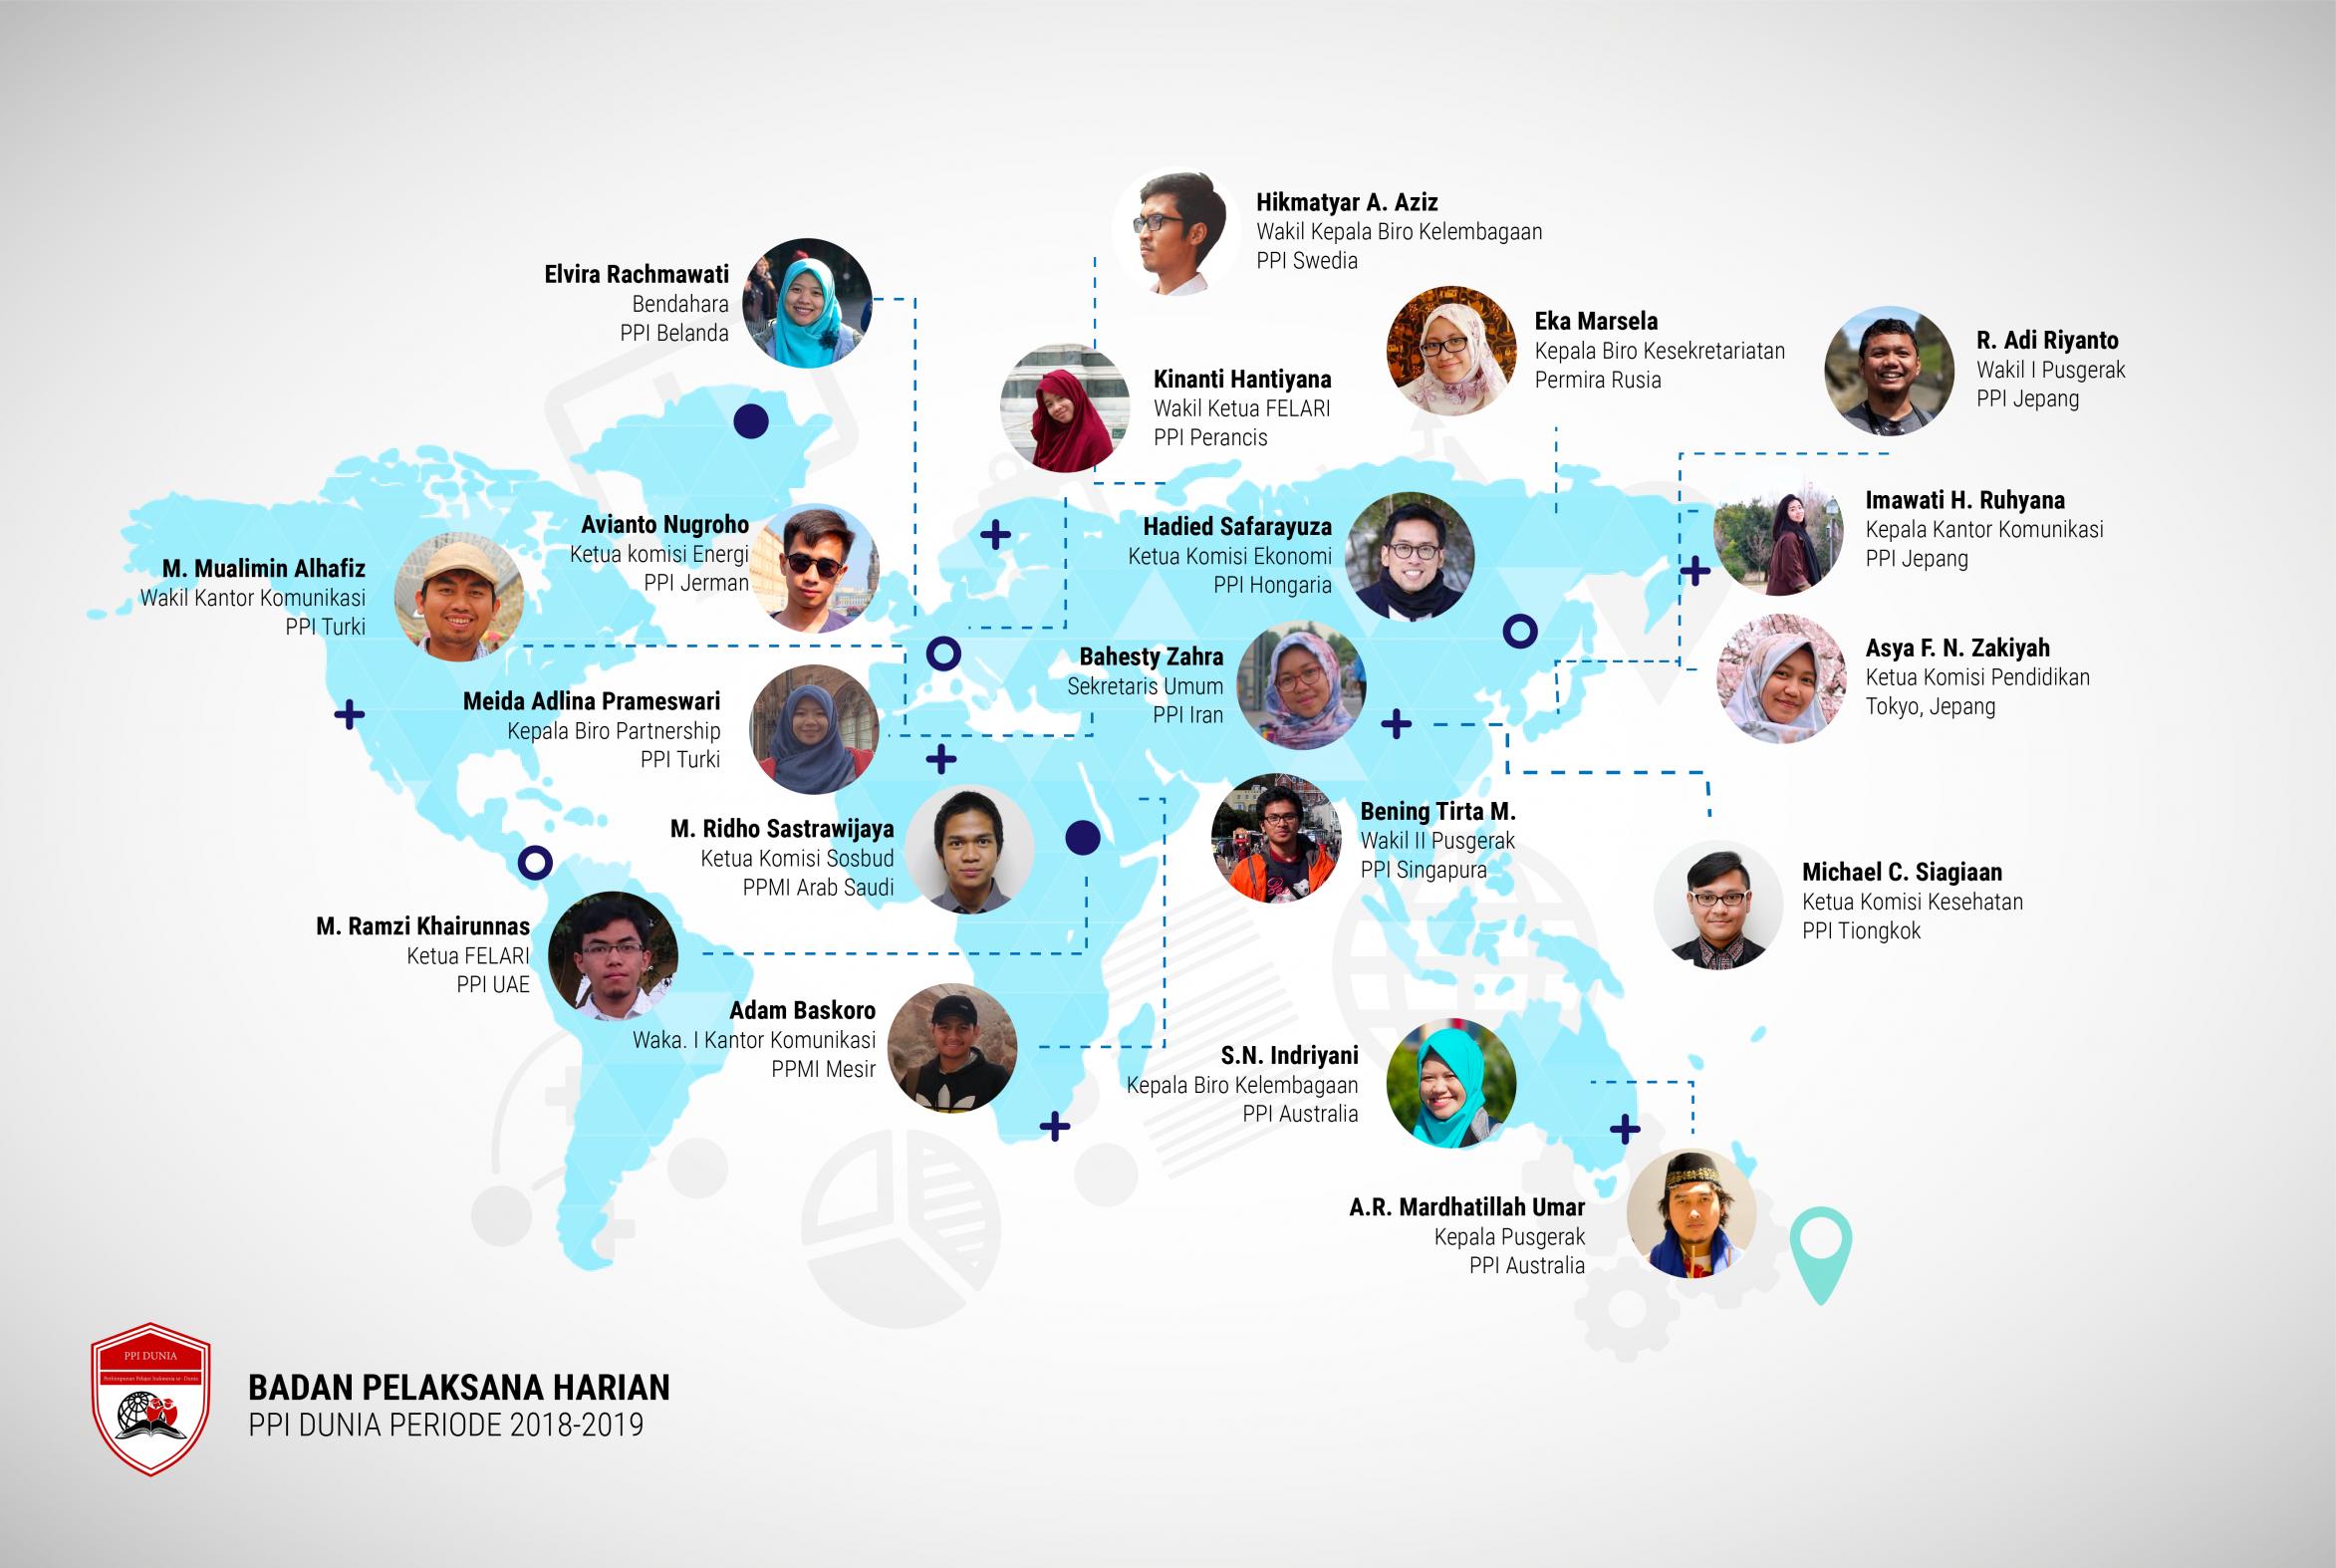 Mengimplementasikan Semangat Sumpah Pemuda dengan berkontribusi di Perhimpunan Pelajar Indonesia